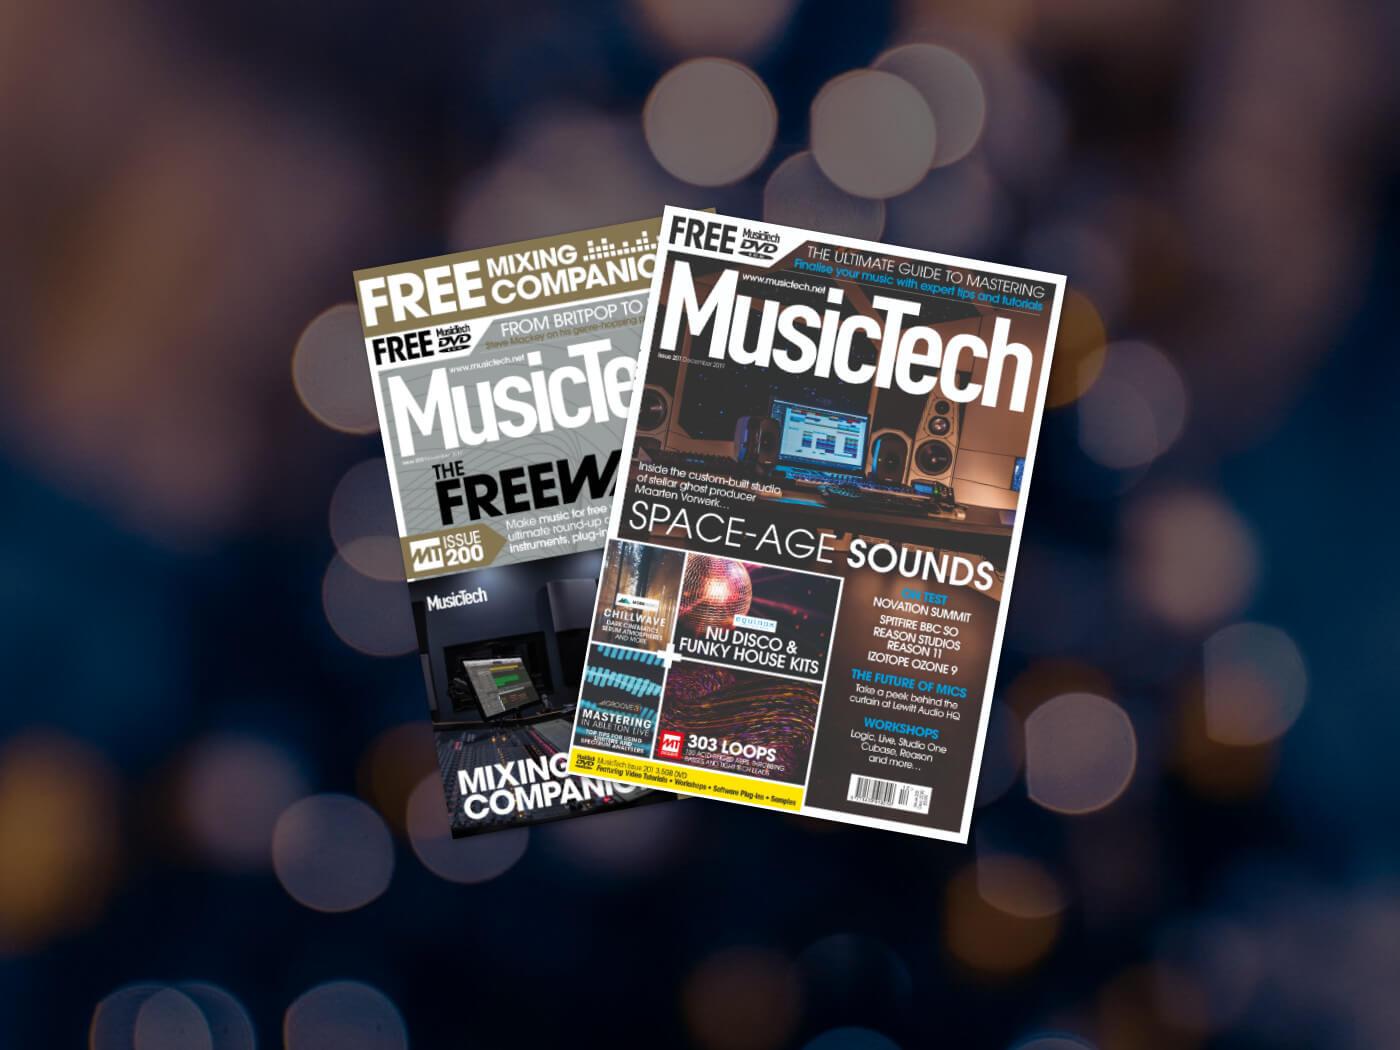 MusicTech 50% Off Xmas deal